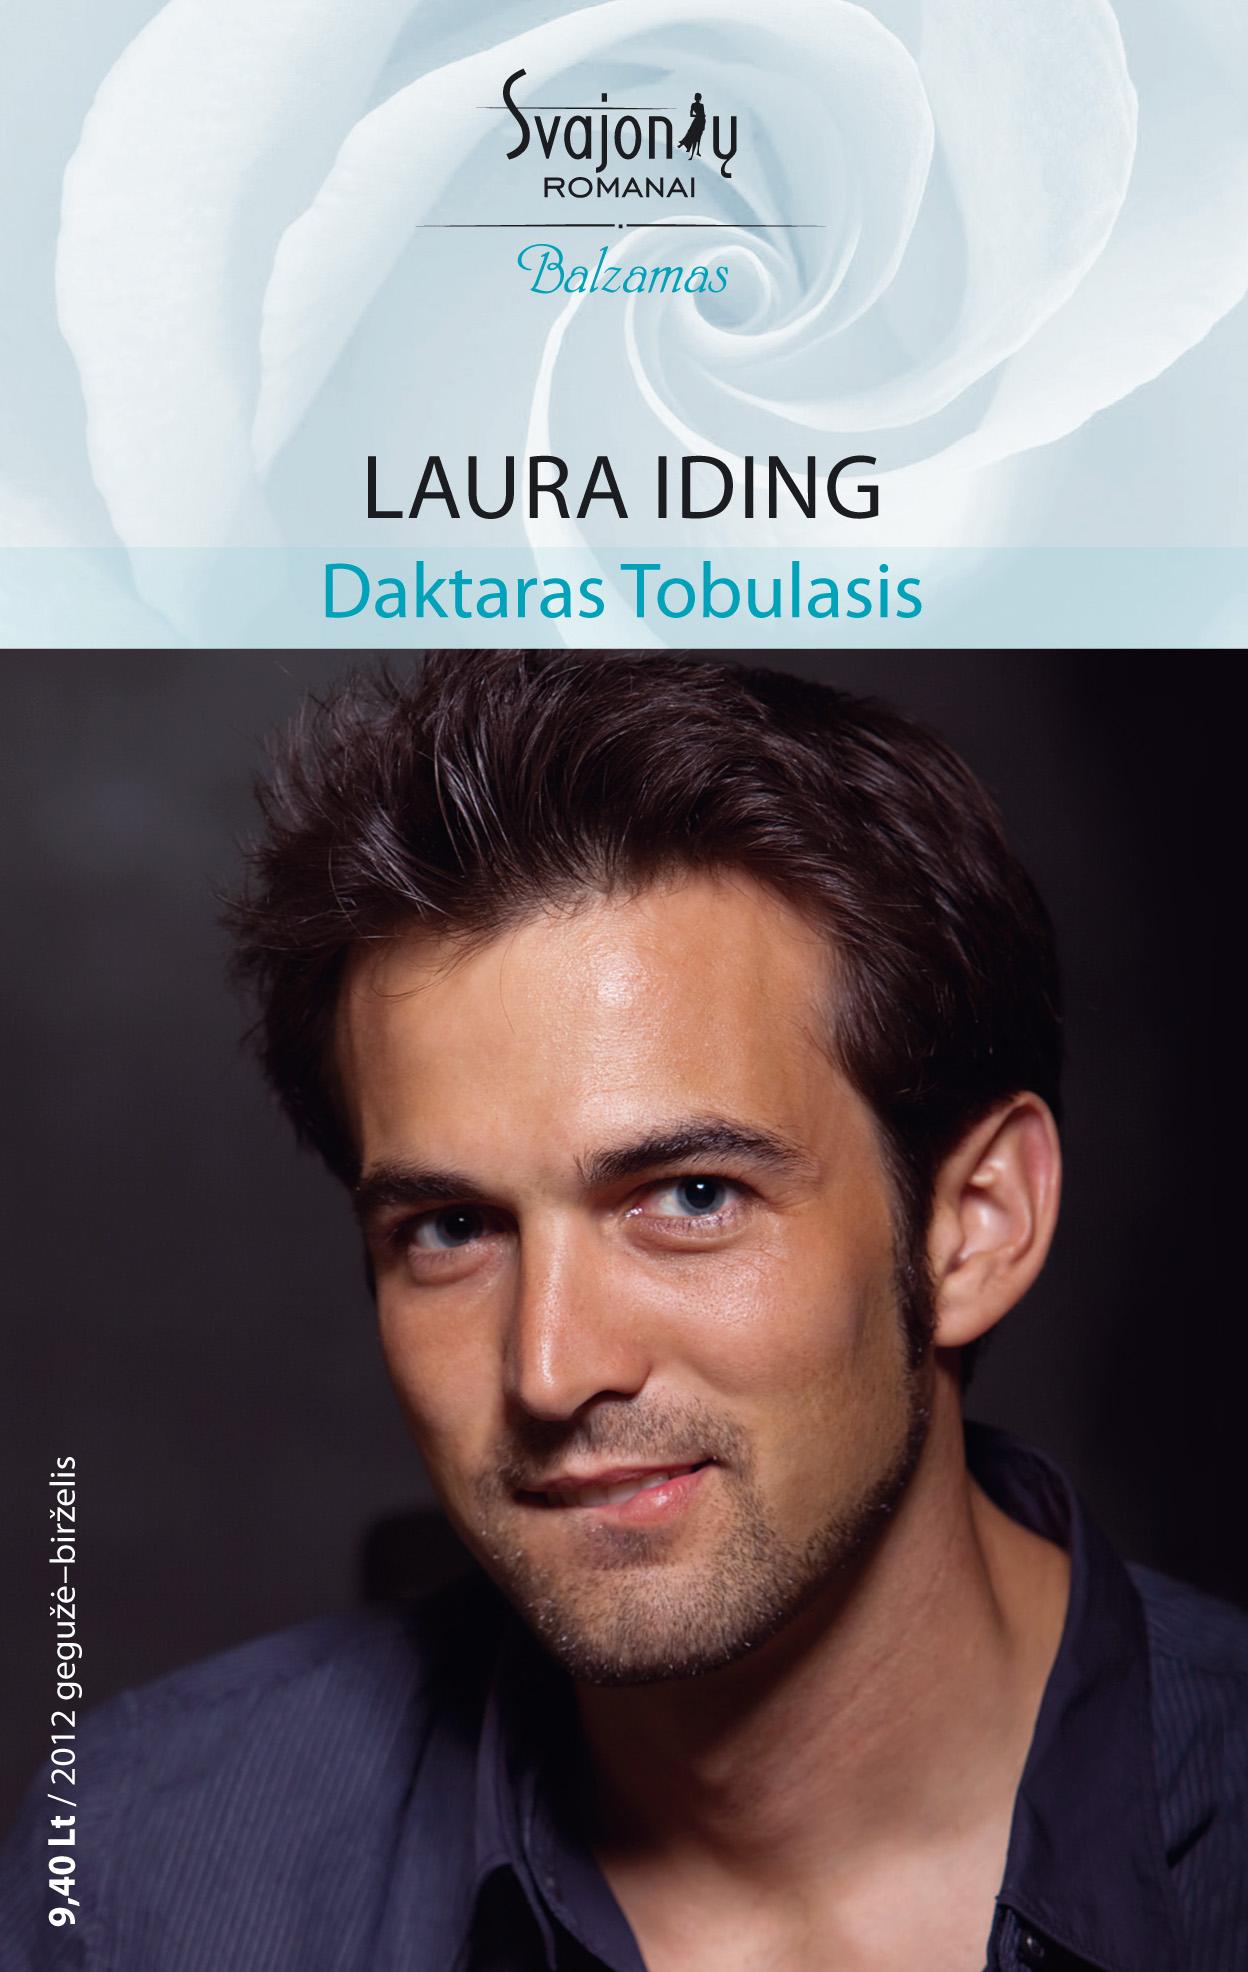 Laura Iding Daktaras Tobulasis